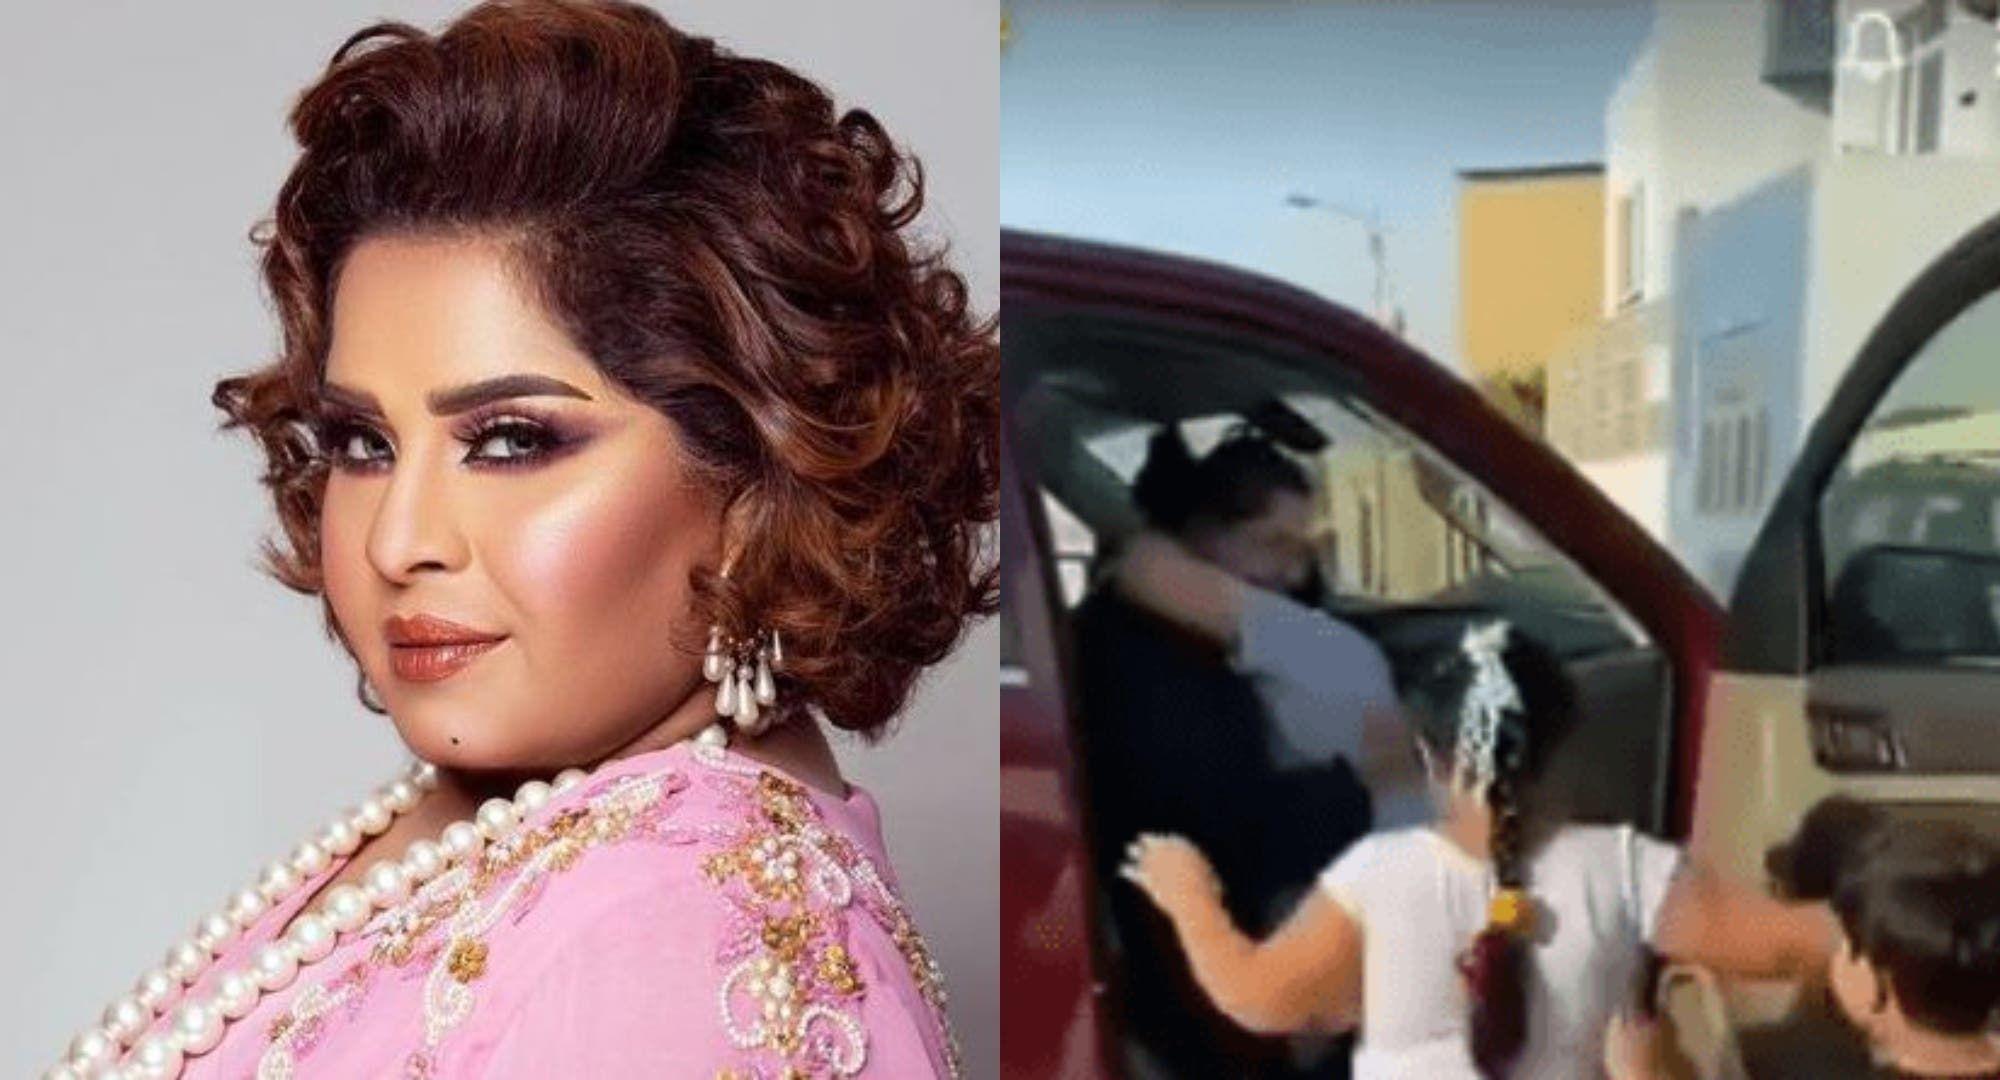 هيا الشعيبي في أول ظهور بعد سجنها لمدة 3 أيام وهذا هو المبلغ المدفوع للكفالة Sari Saree Fashion